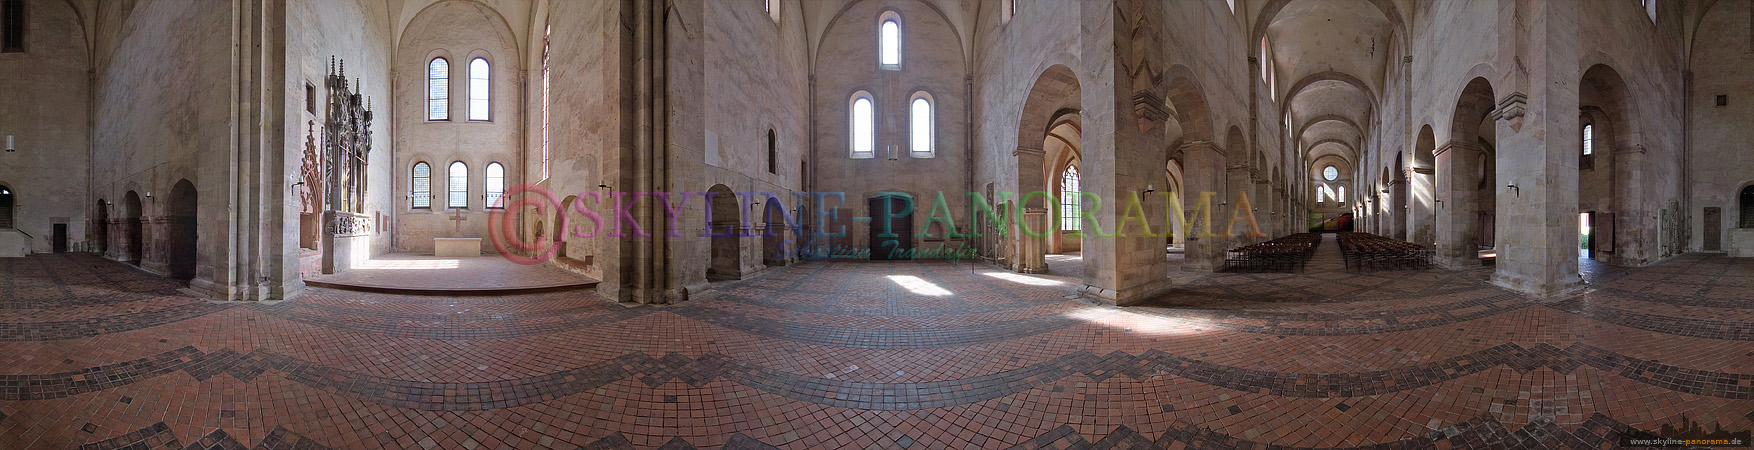 """Panorama Bild - Kloster Eberbach war schon Kulisse für die verschiedensten TV und Filmproduktionen, der bekannte Film der hier zu Teilen gedreht wurde war """"Der Name der Rose""""."""